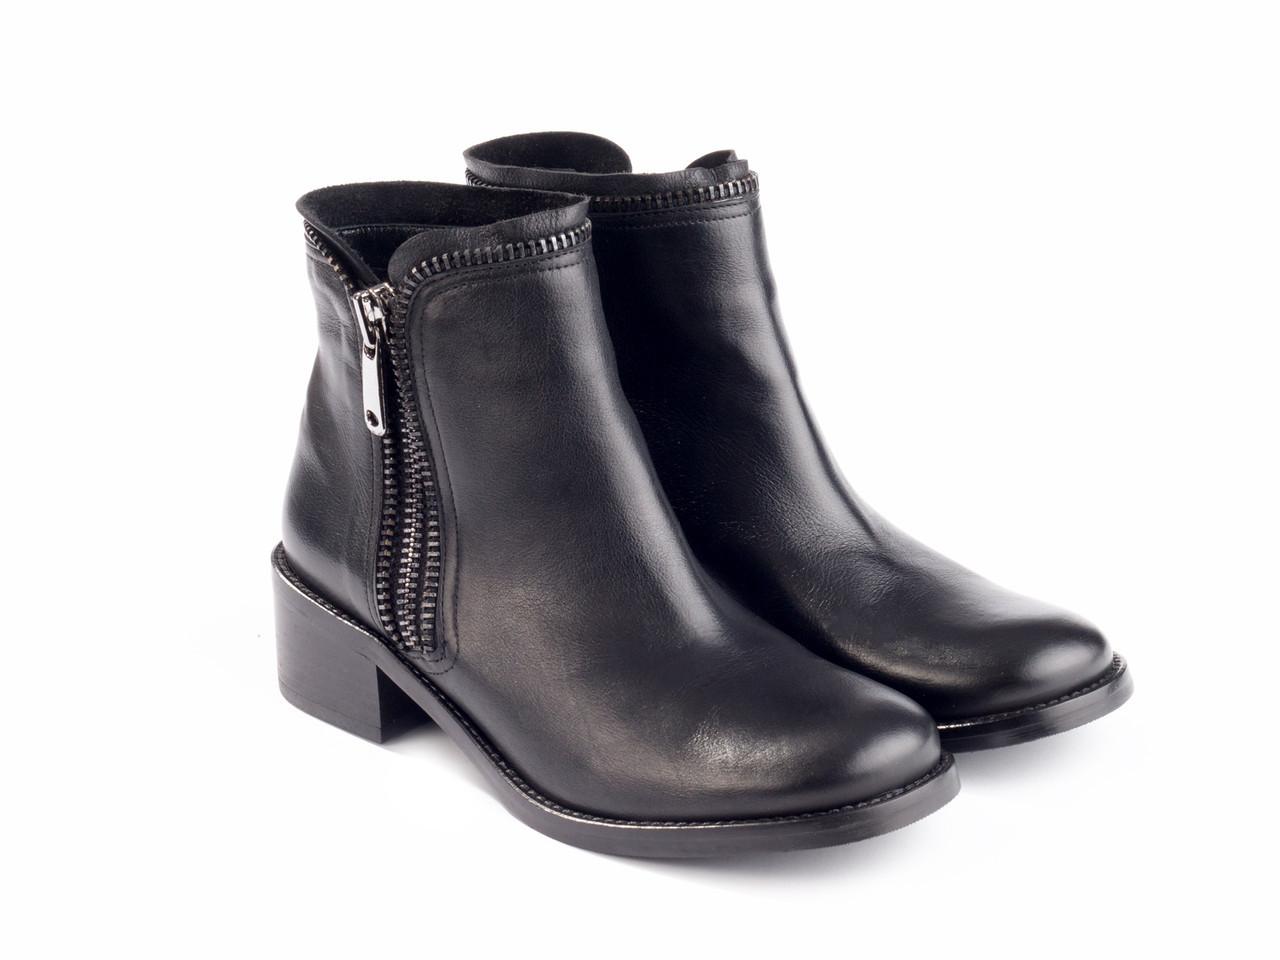 Ботинки Etor 5843-8272 36 черные